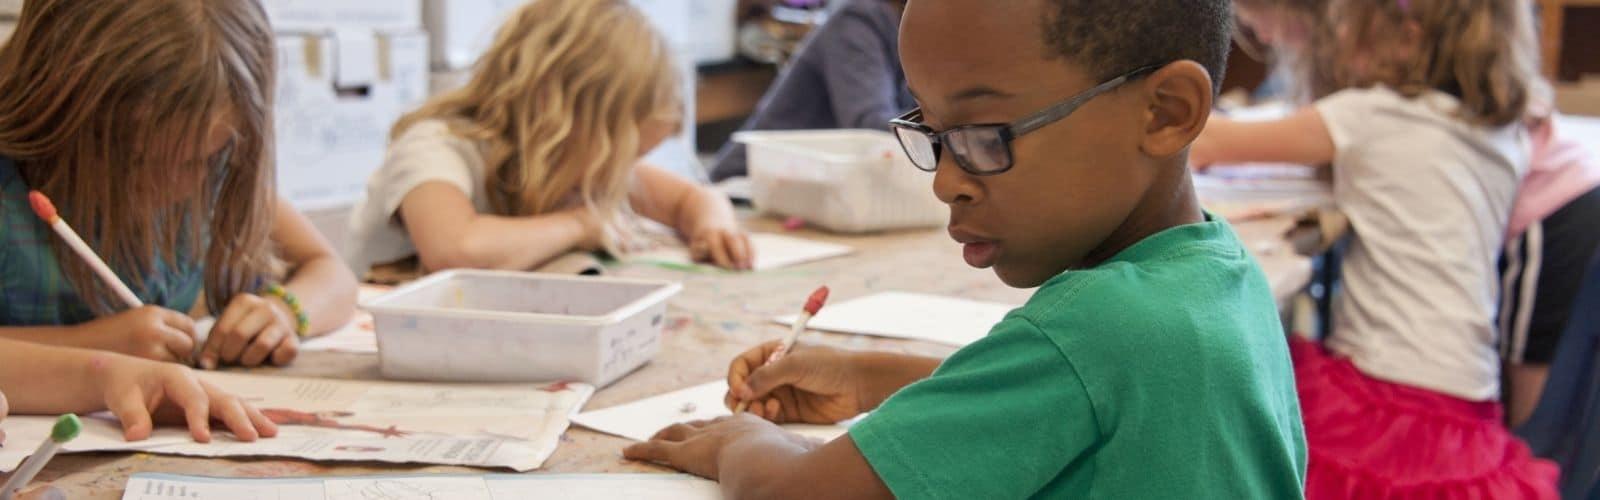 Ecoles Montessori : à la méthode Montessori, on dit oui ! Mais où à Paris ?